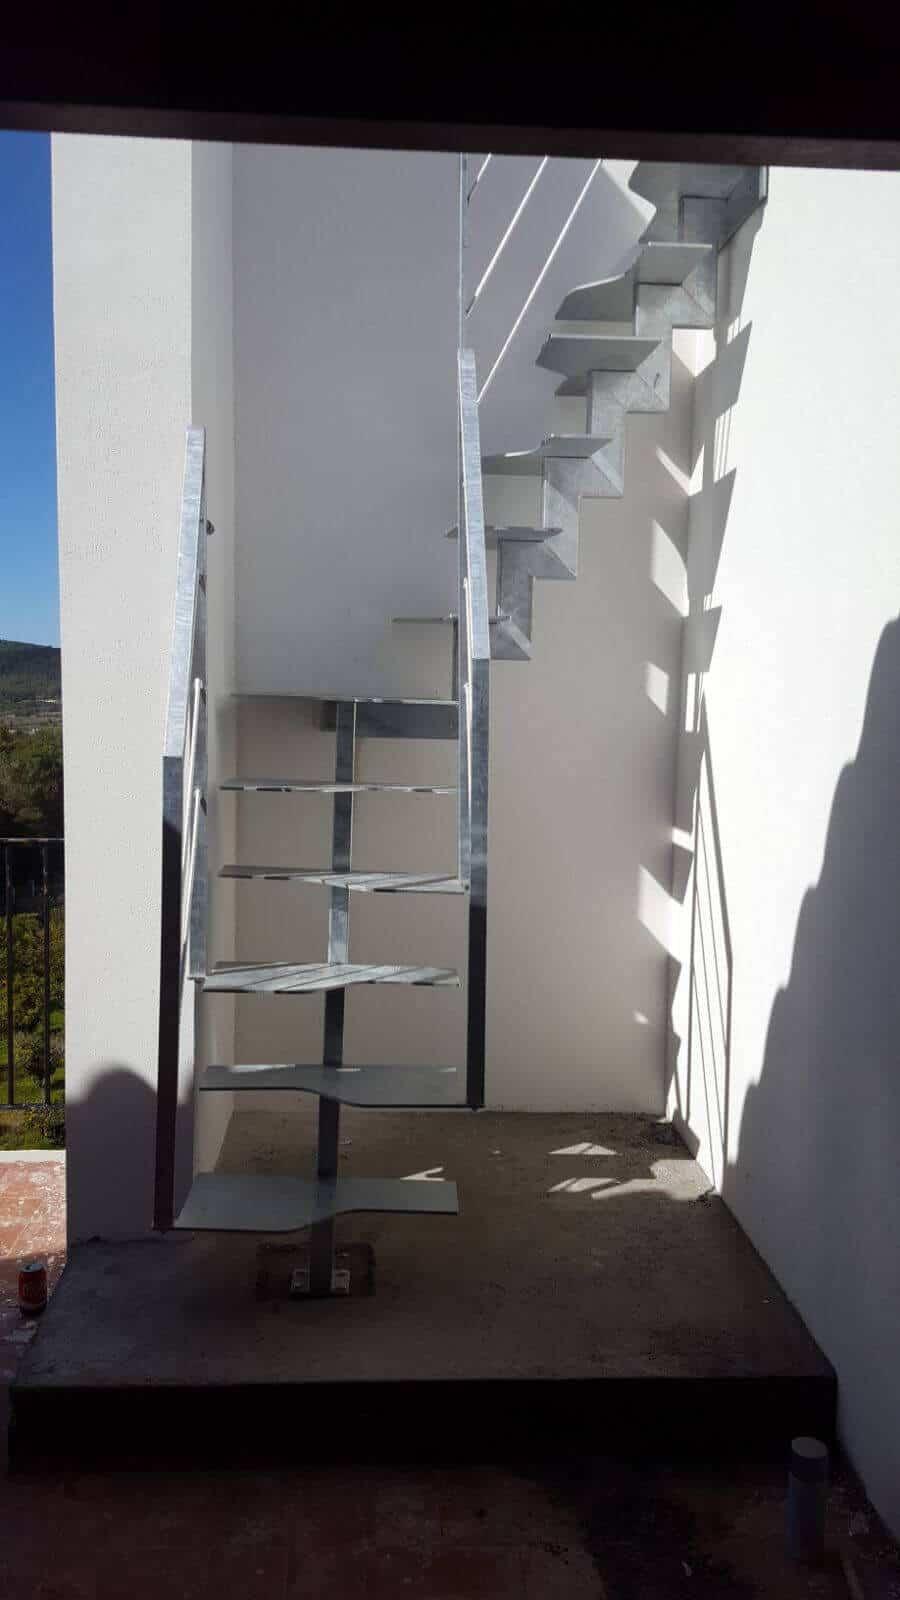 Escalera recta metálica | Enesca.es